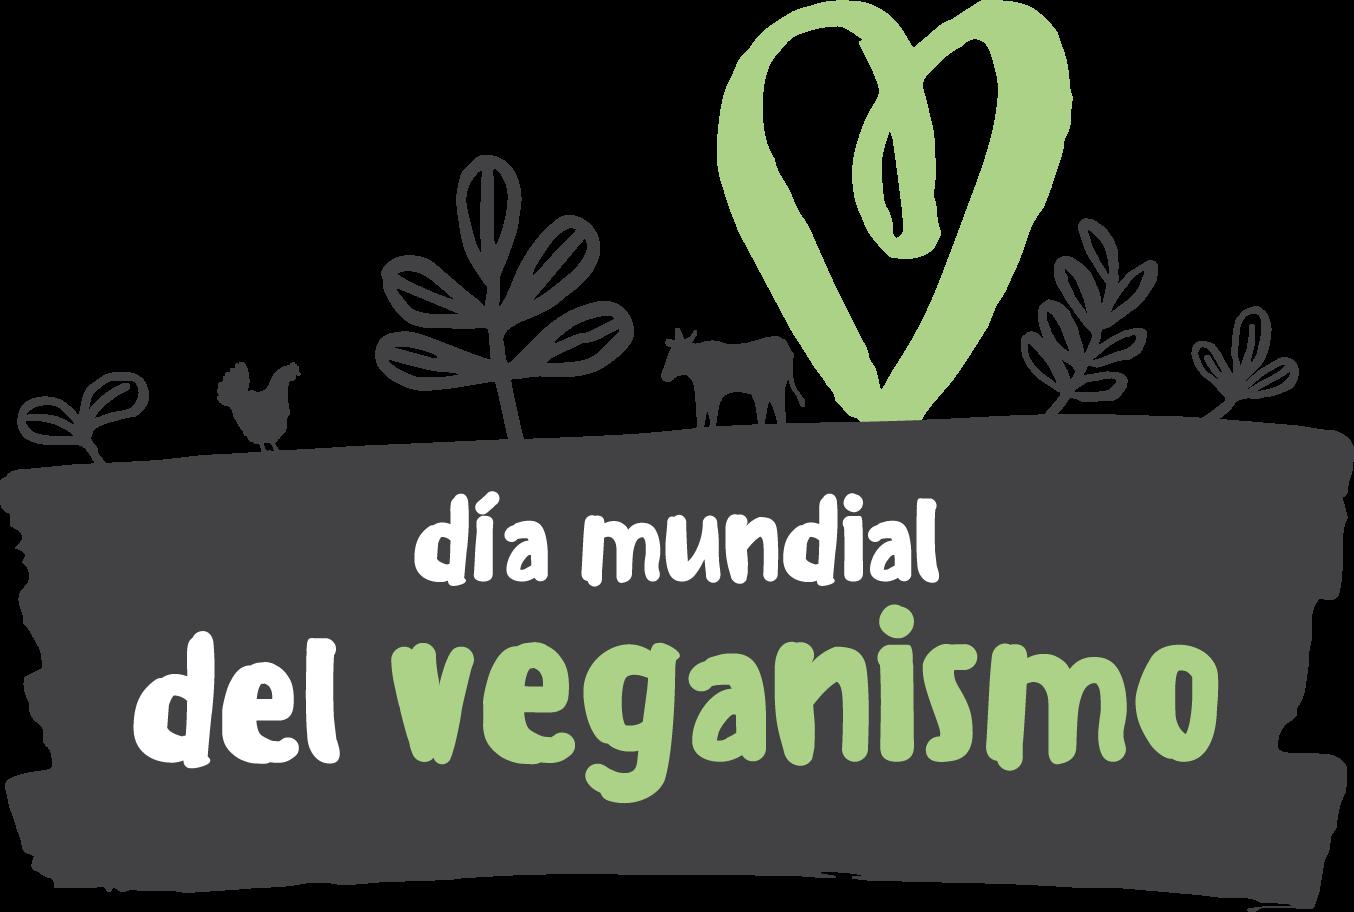 Día del Veganismo: ¿moda en ascenso o alimentación saludable?